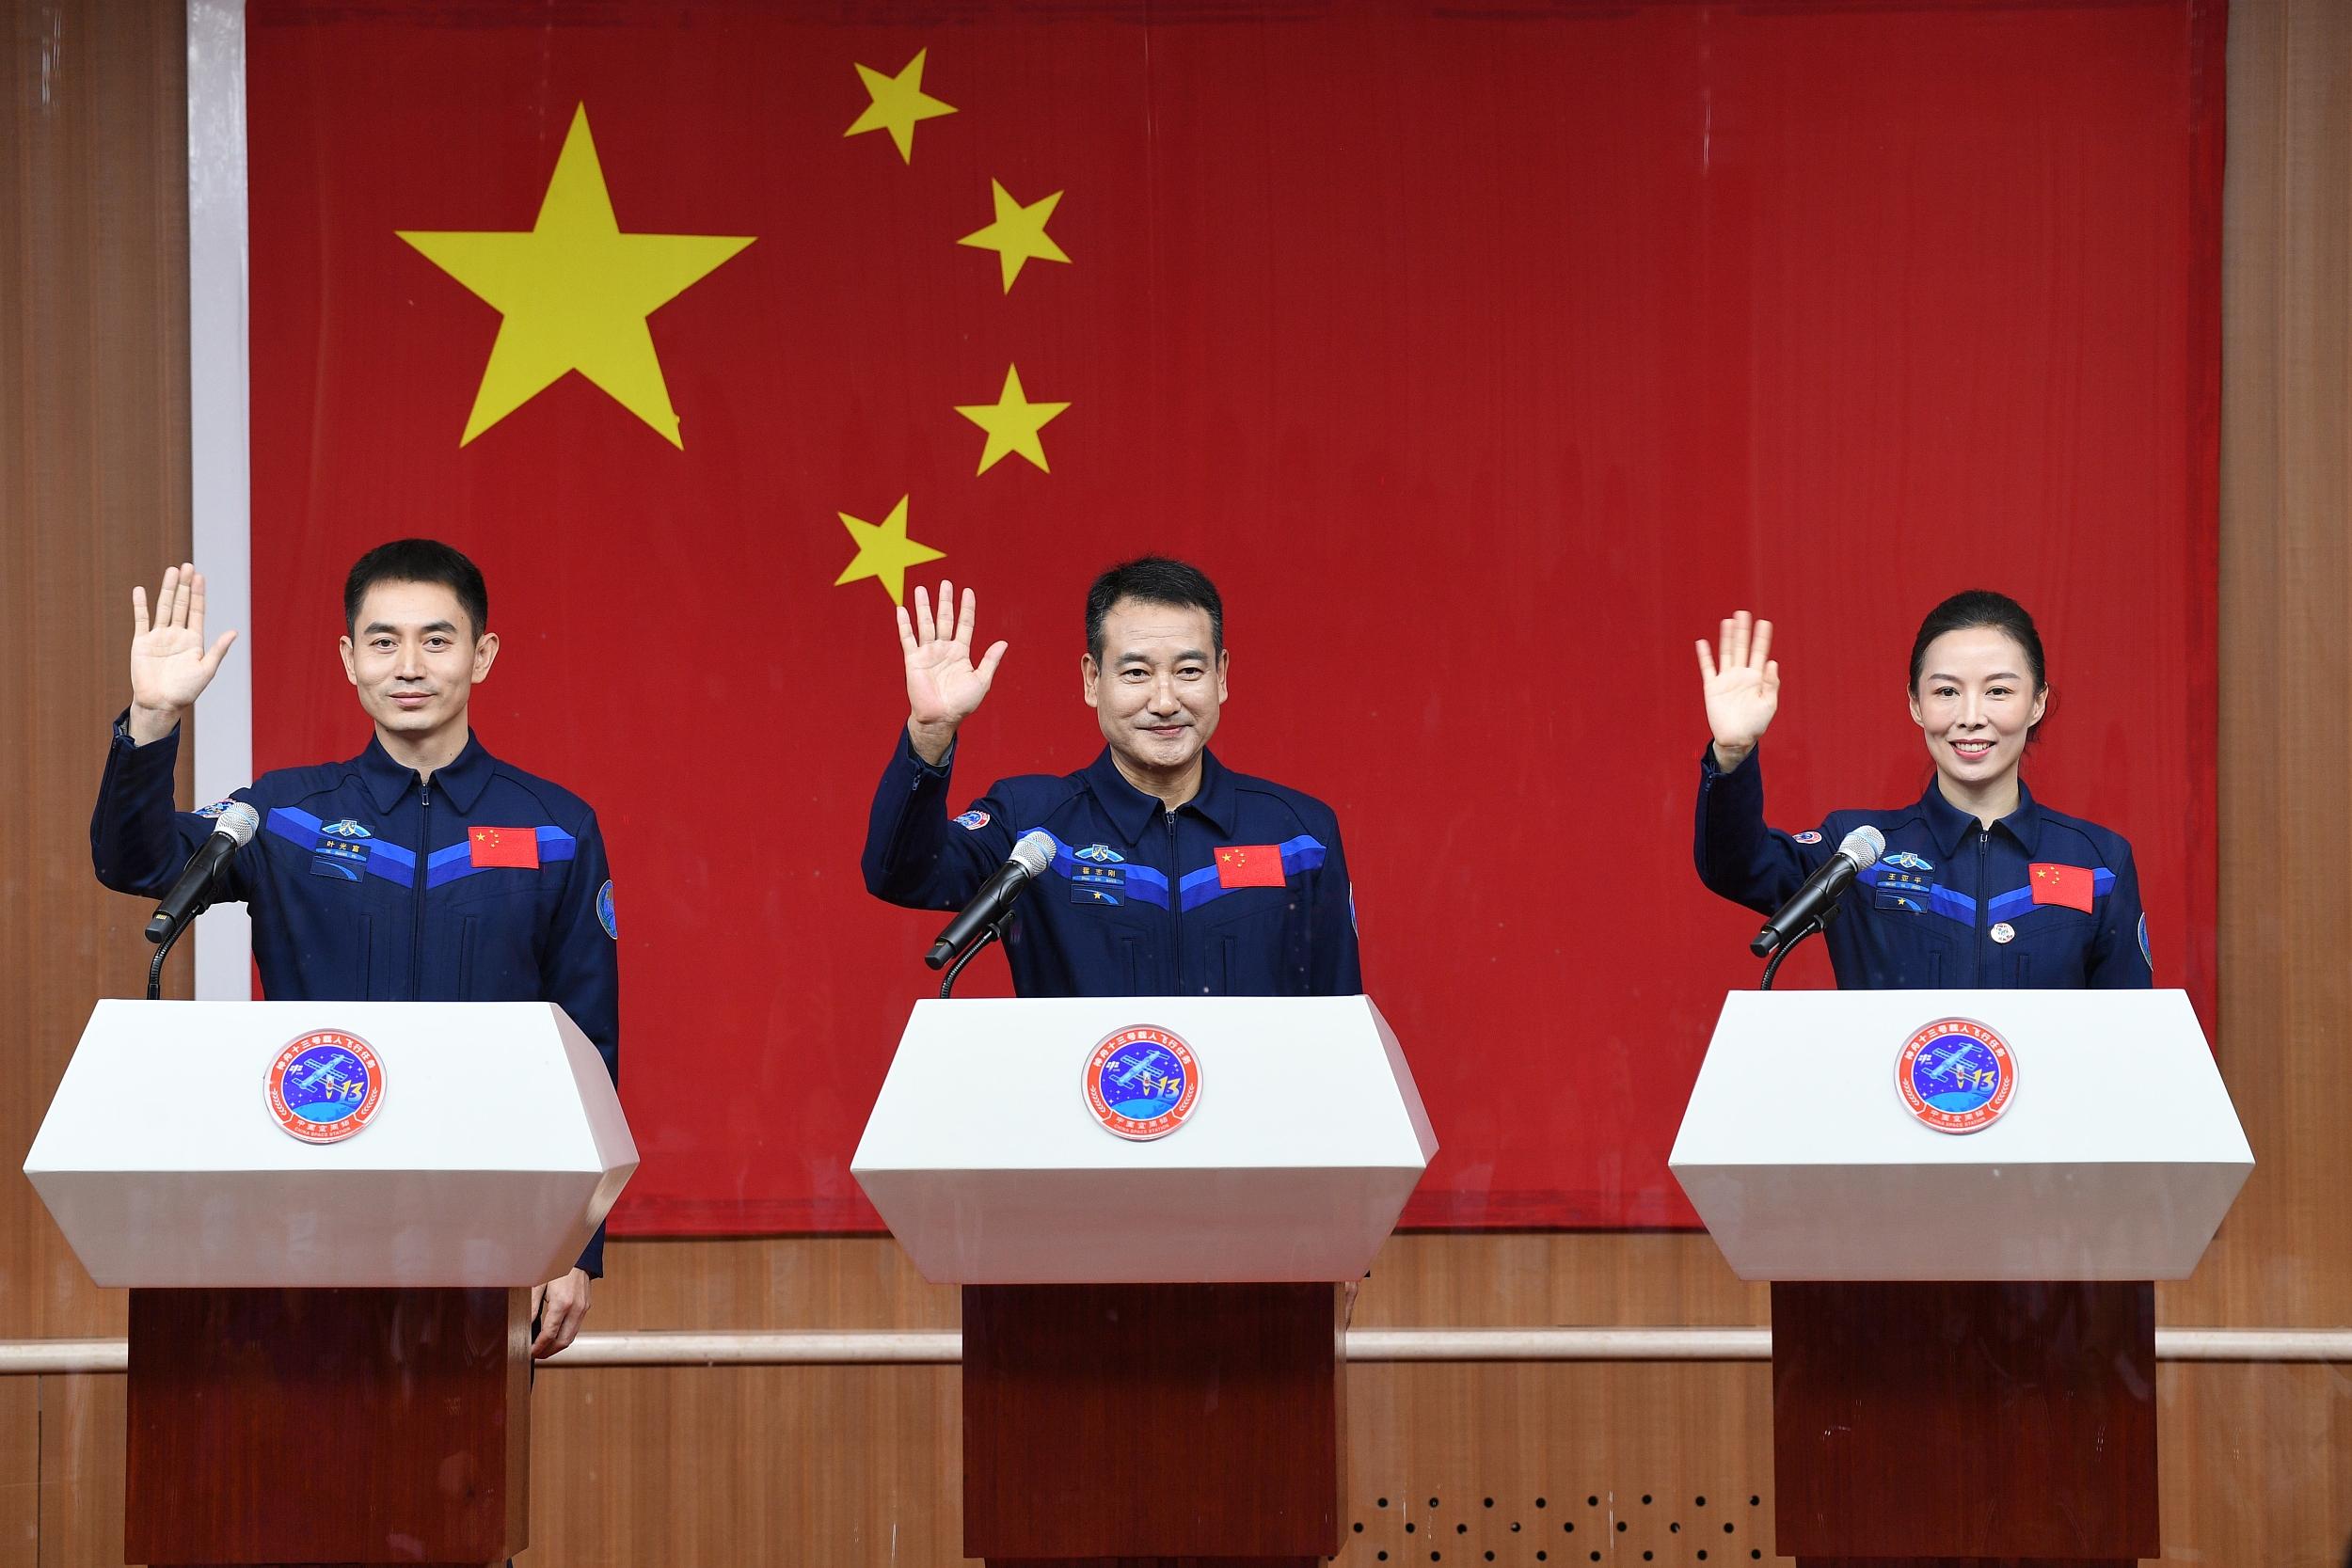 神舟(zhou)十三(san)號載人(ren)飛行(xing)任(ren)務(wu)3名(ming)乘組航天員與中外媒體記者(zhe)集體見面